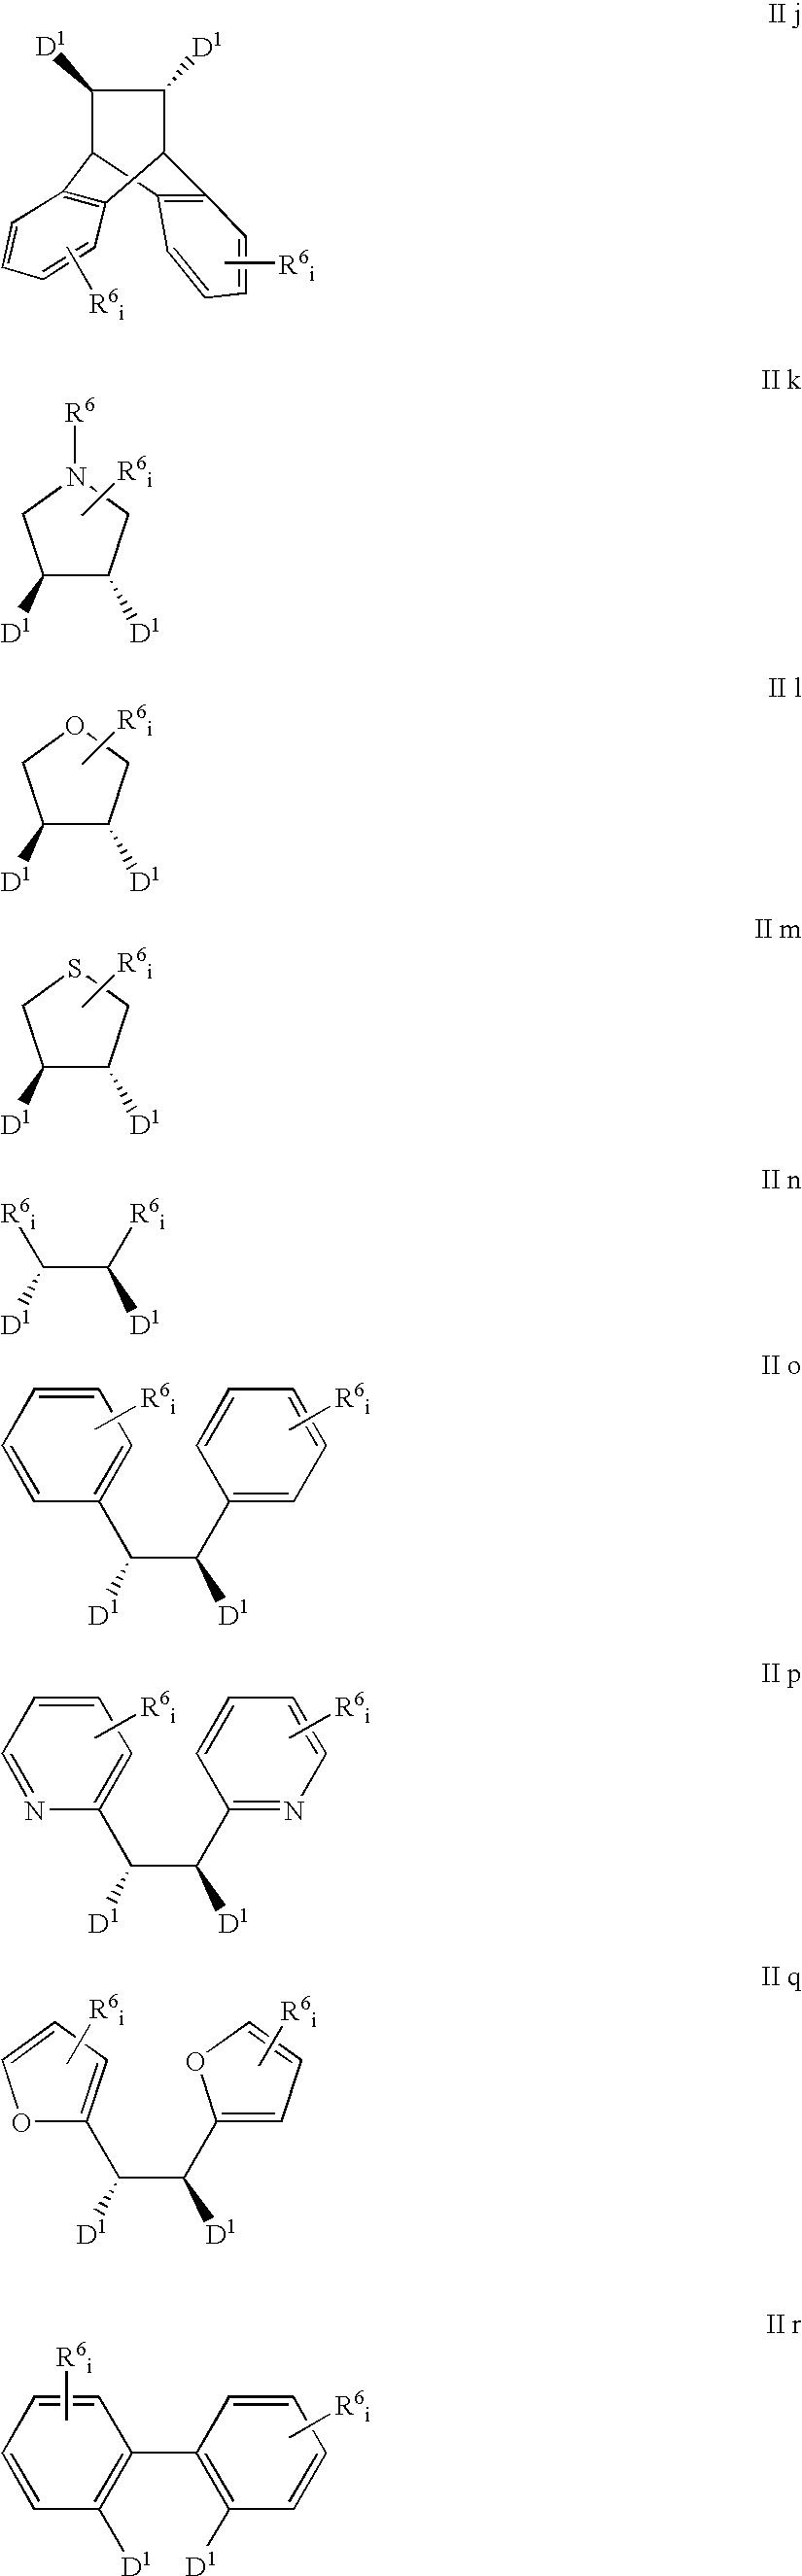 Figure US20060135352A1-20060622-C00053